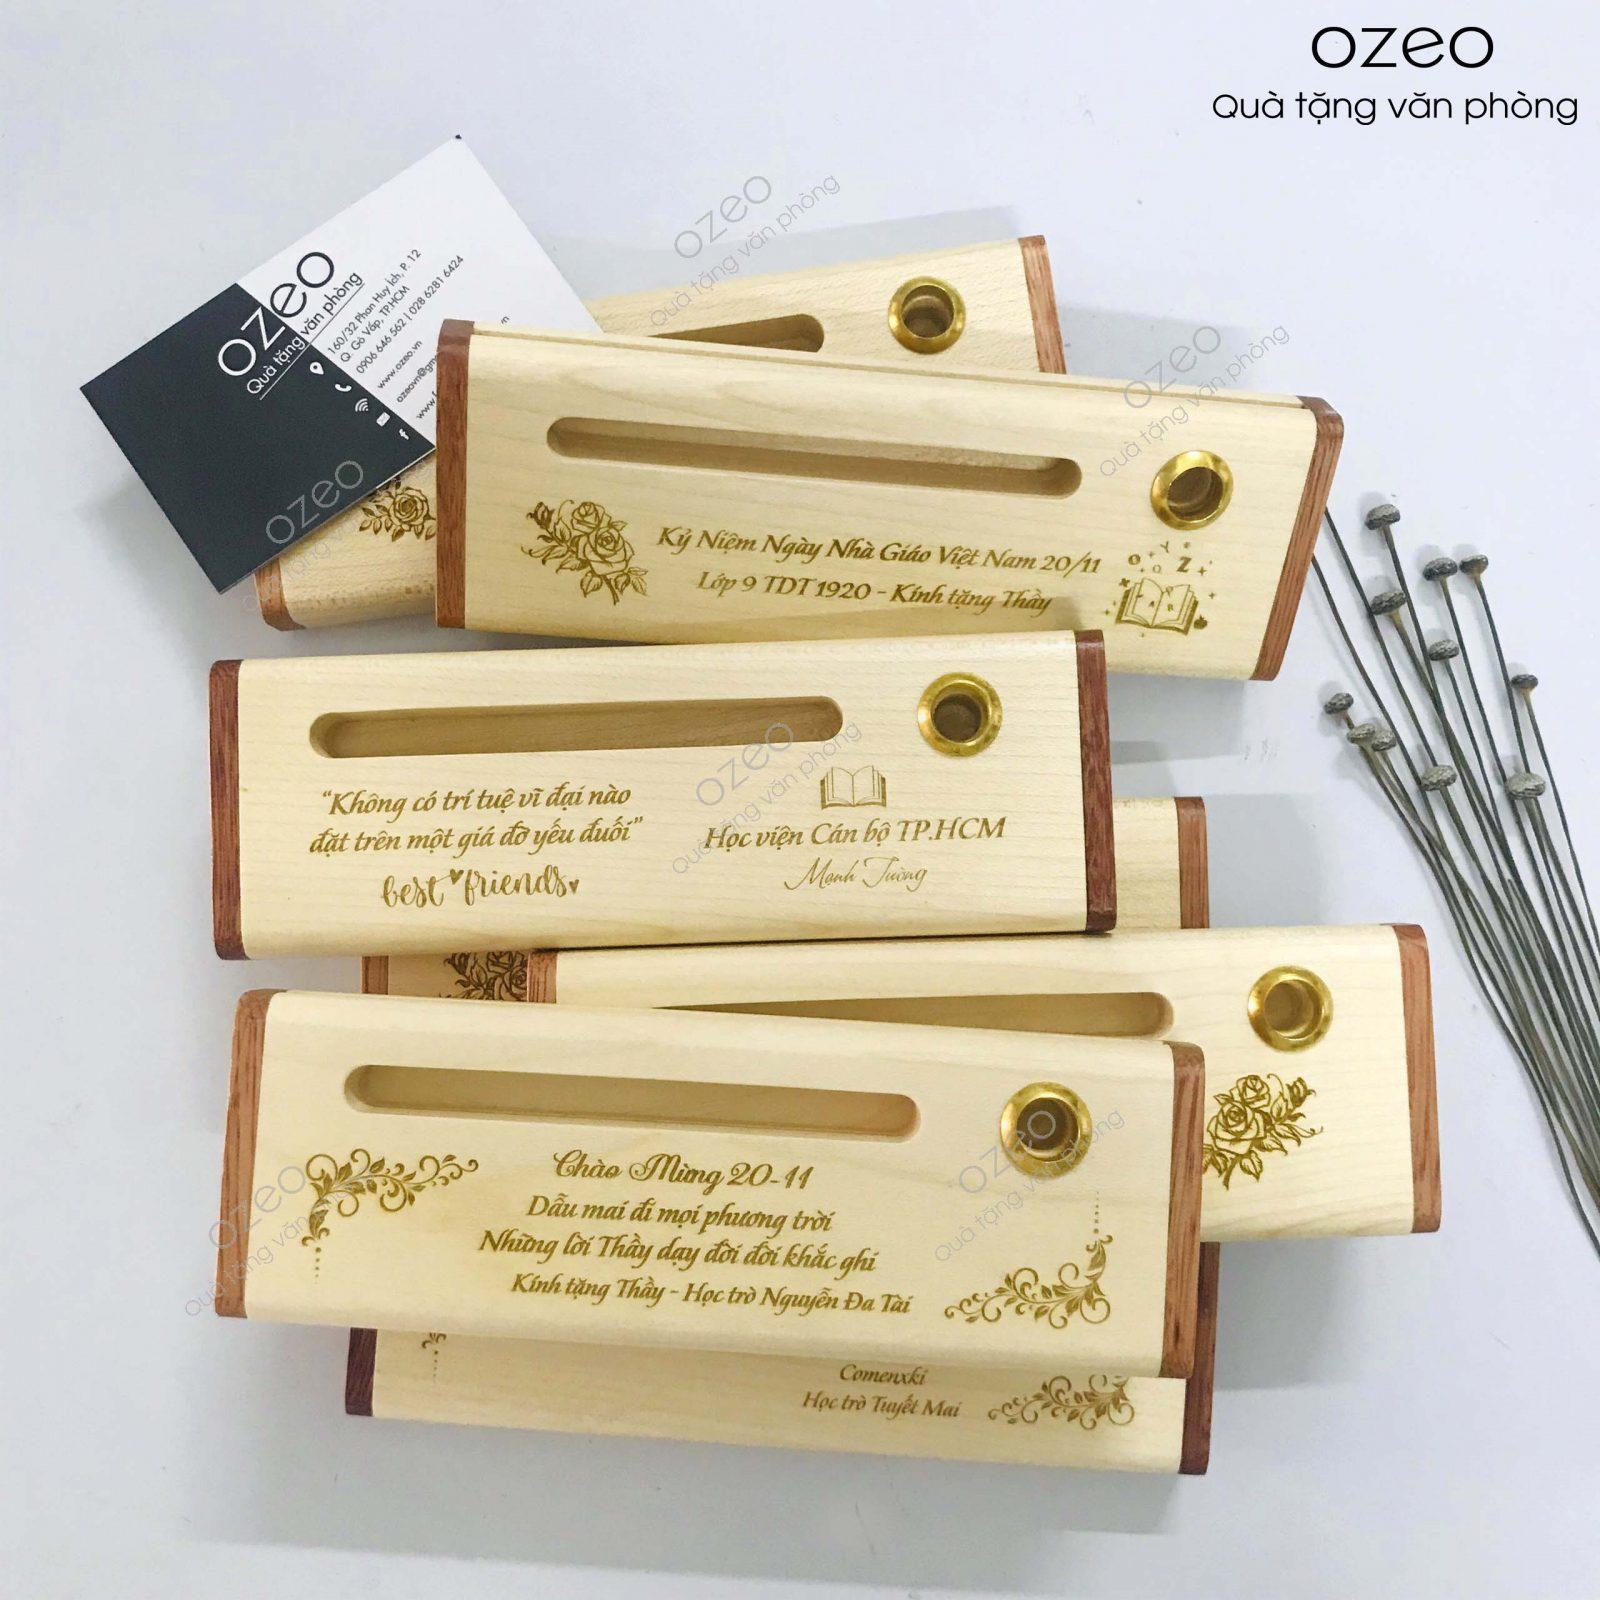 Tại sao chọn bút gỗ làm quà tặng thầy cô giáo?